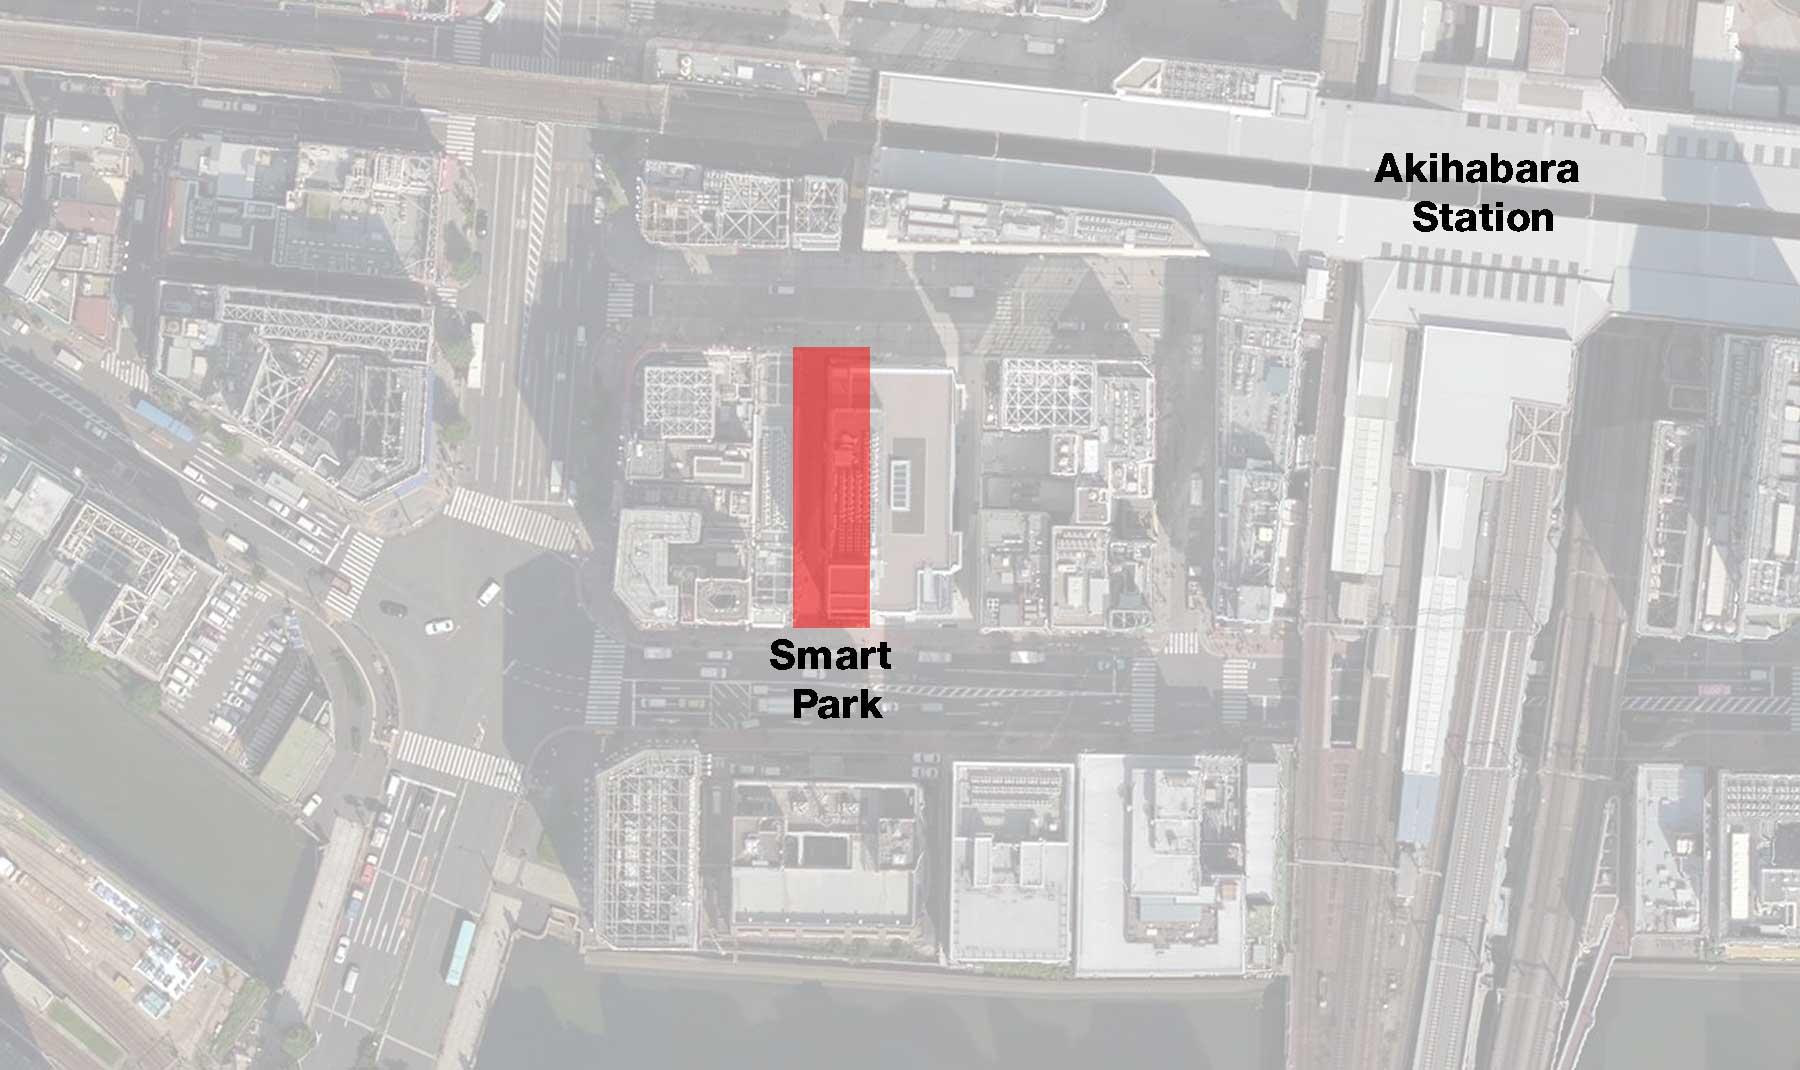 Smart Park Site